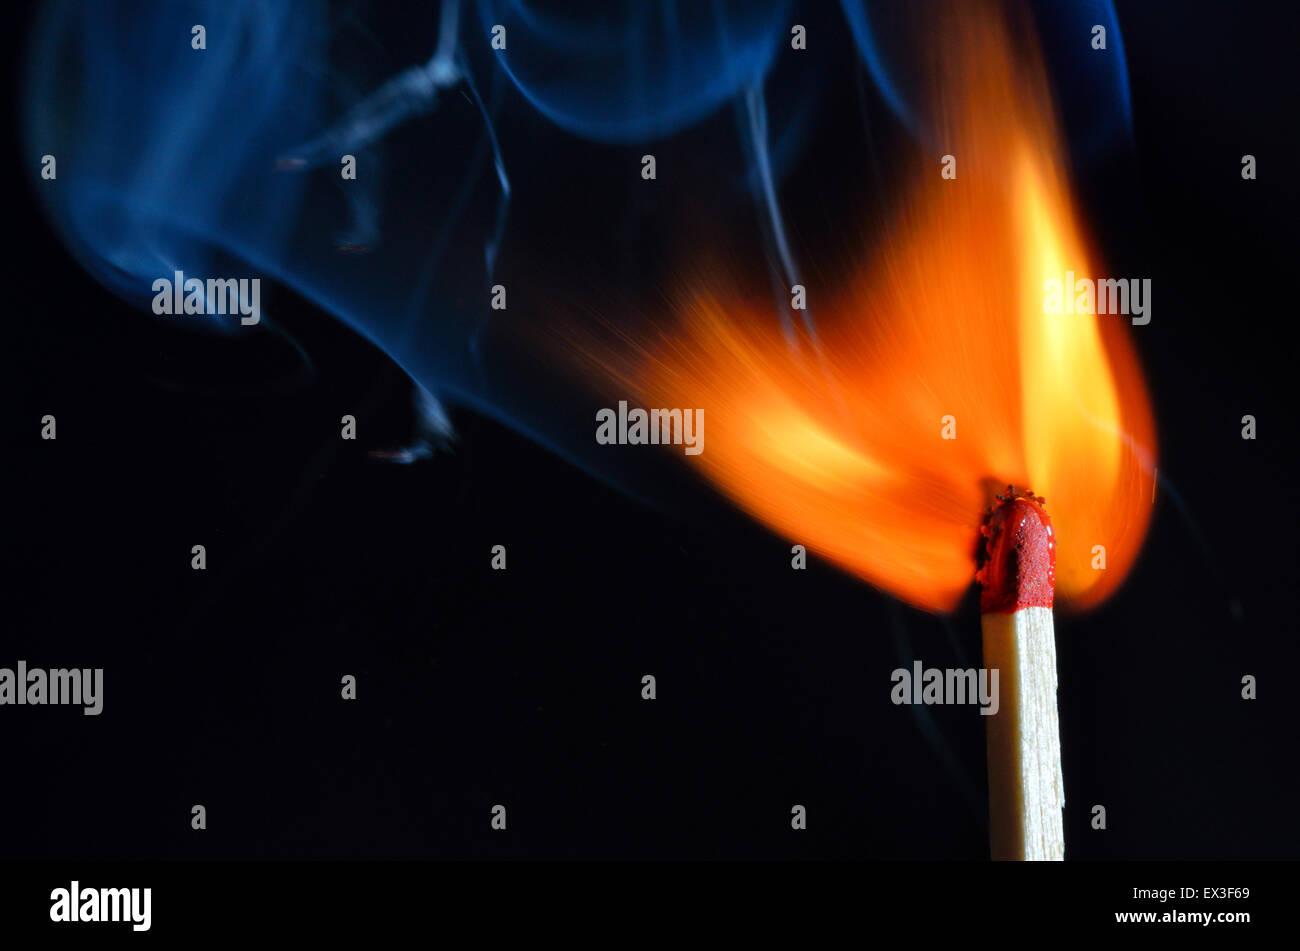 Burning match over black background - Stock Image